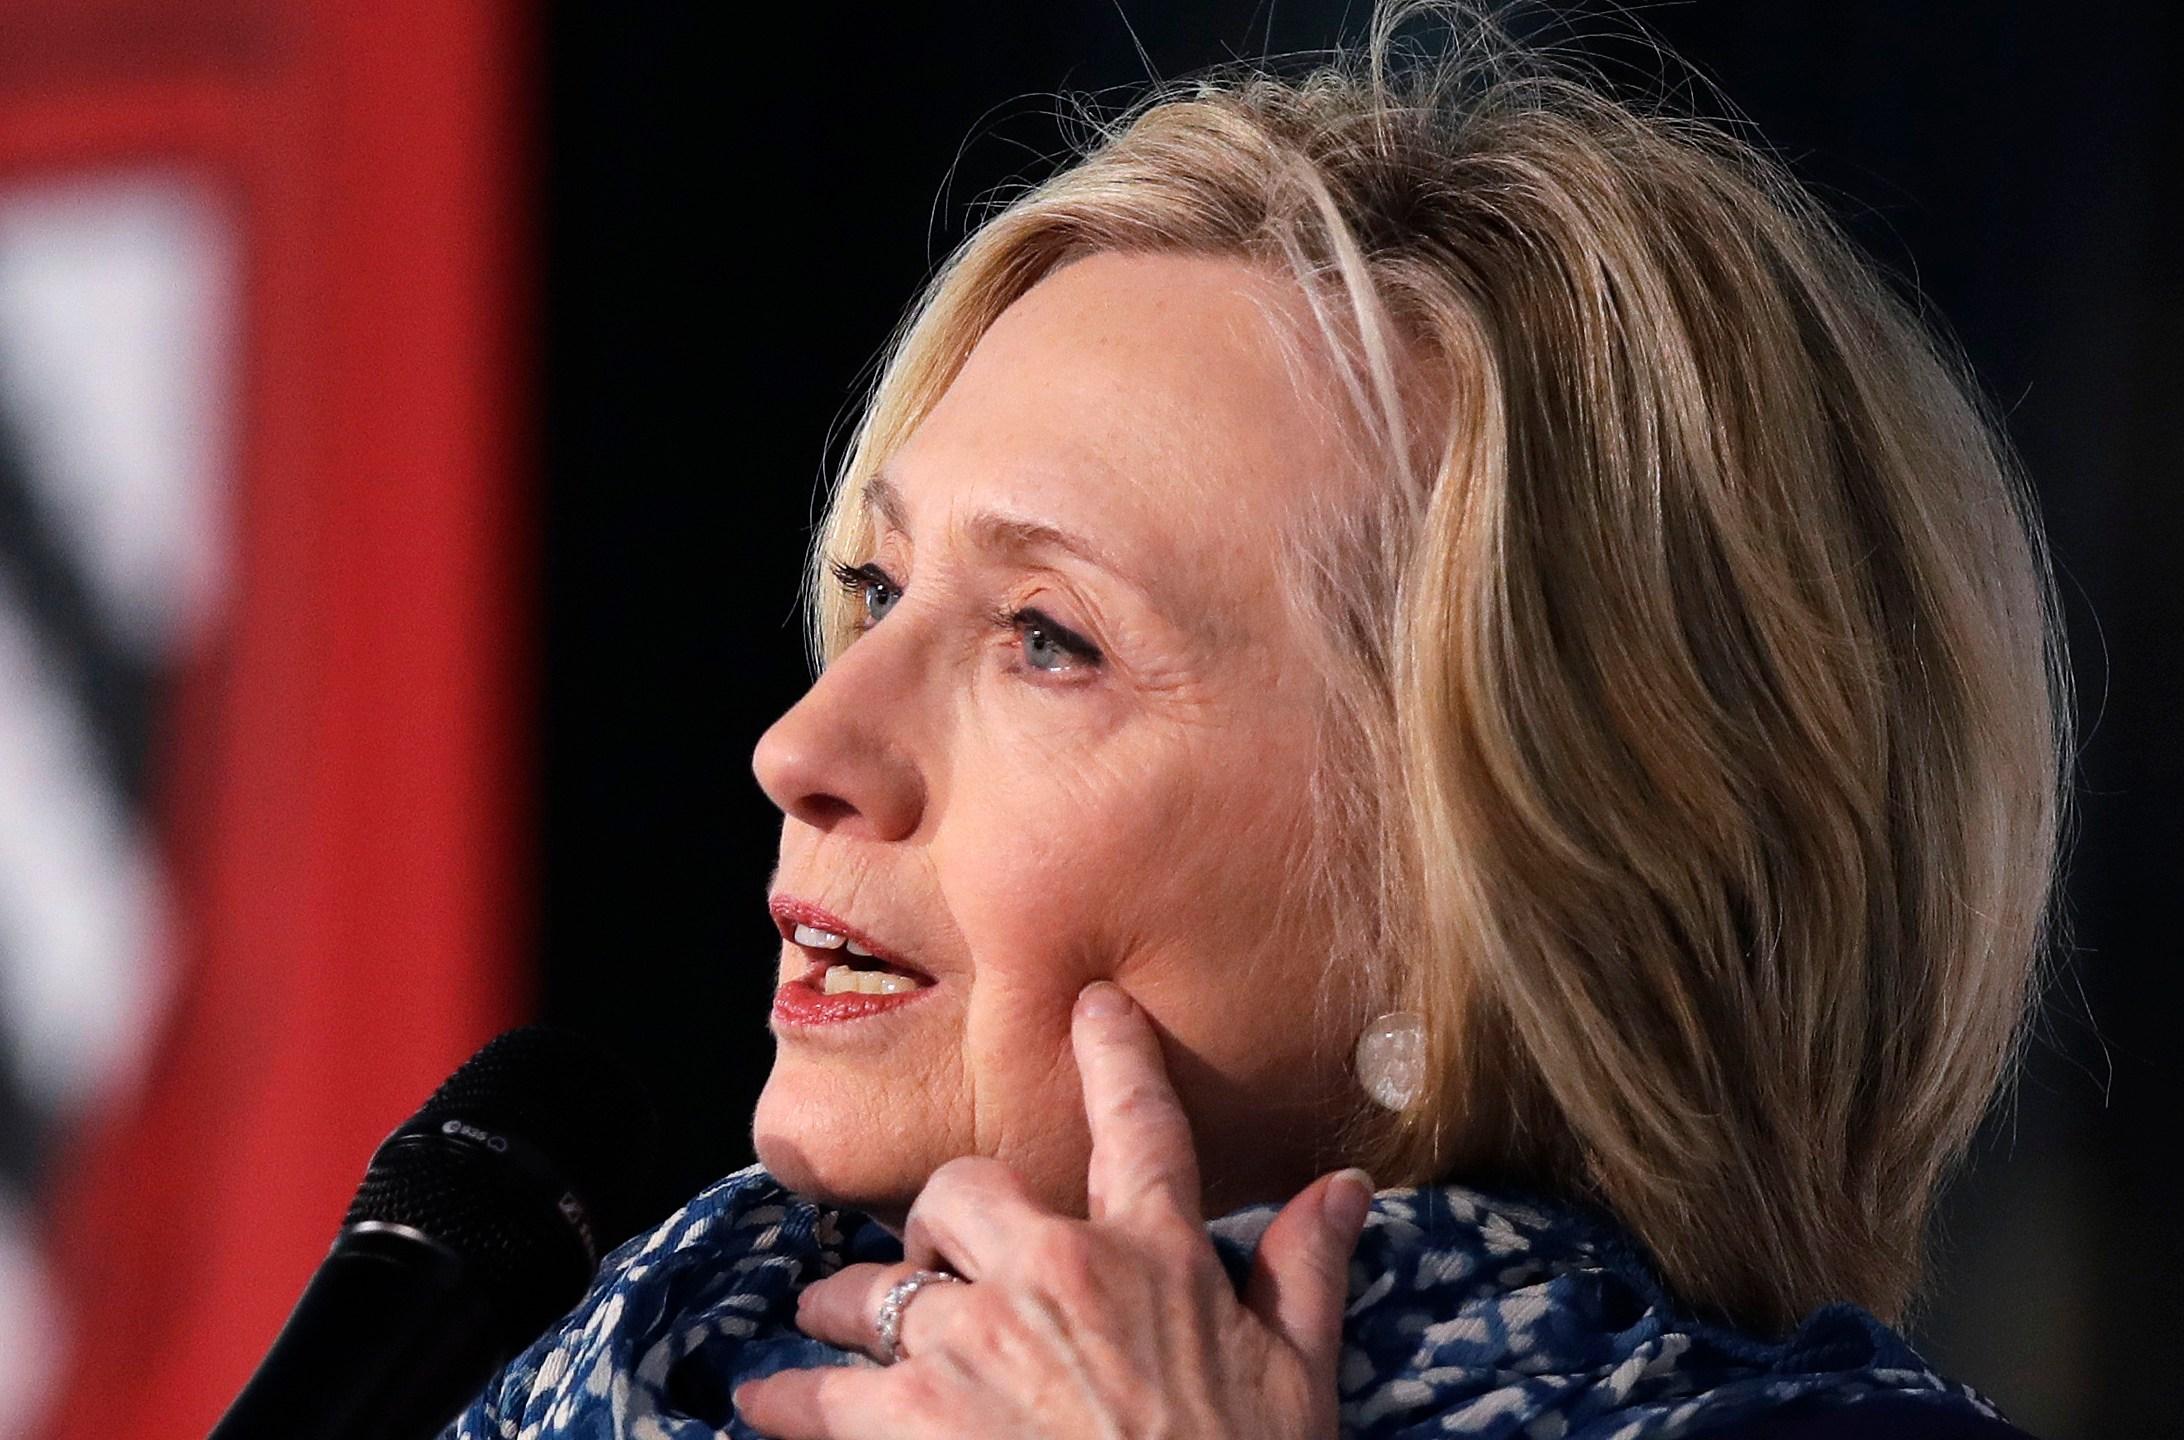 Election_2020_Hillary_Clinton_44685-159532.jpg78640202